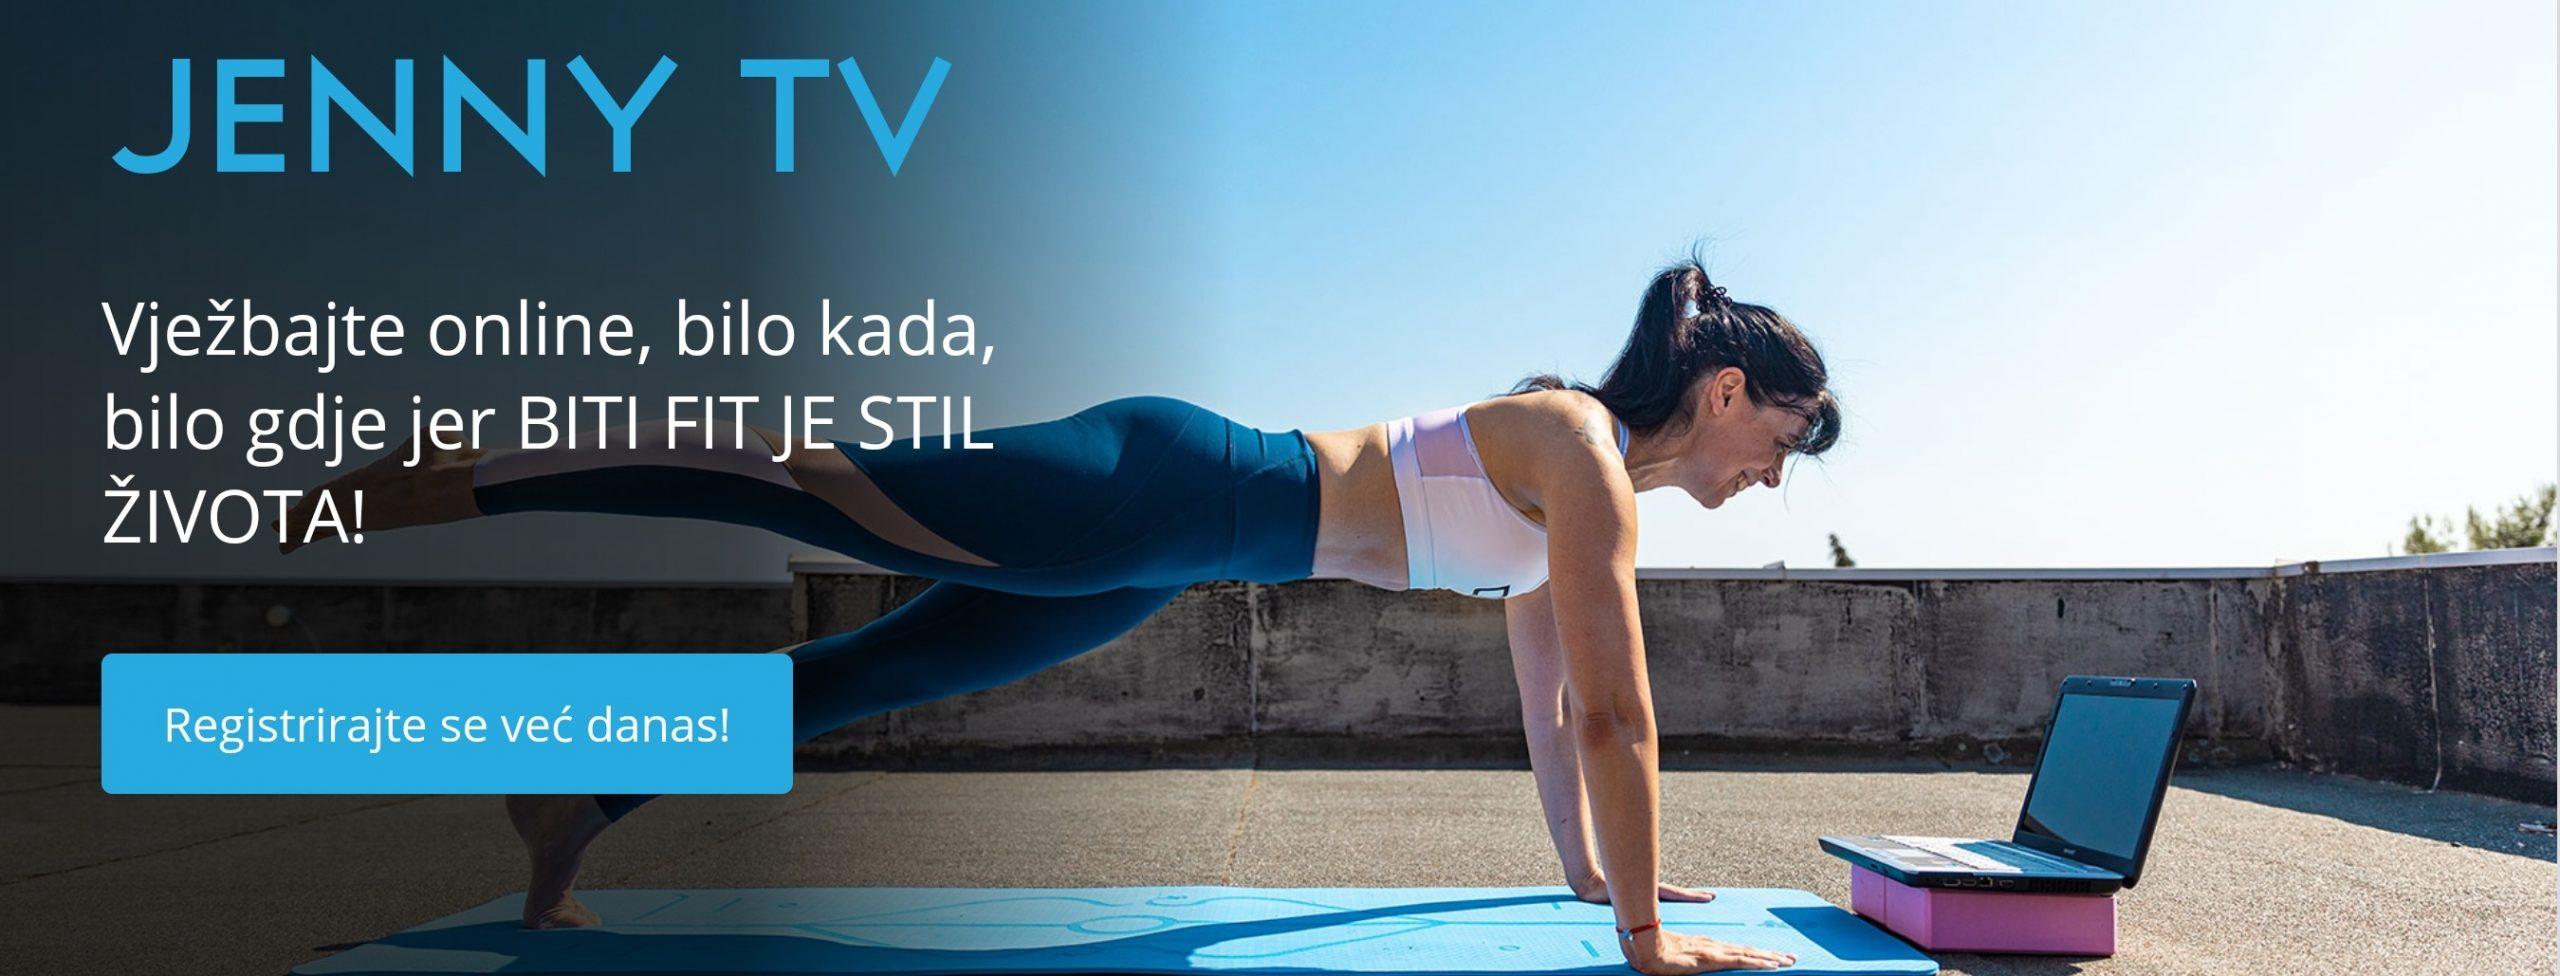 Jenny TV: gdje god se nalazili i u koje god vrijeme vam odgovara vježbanje